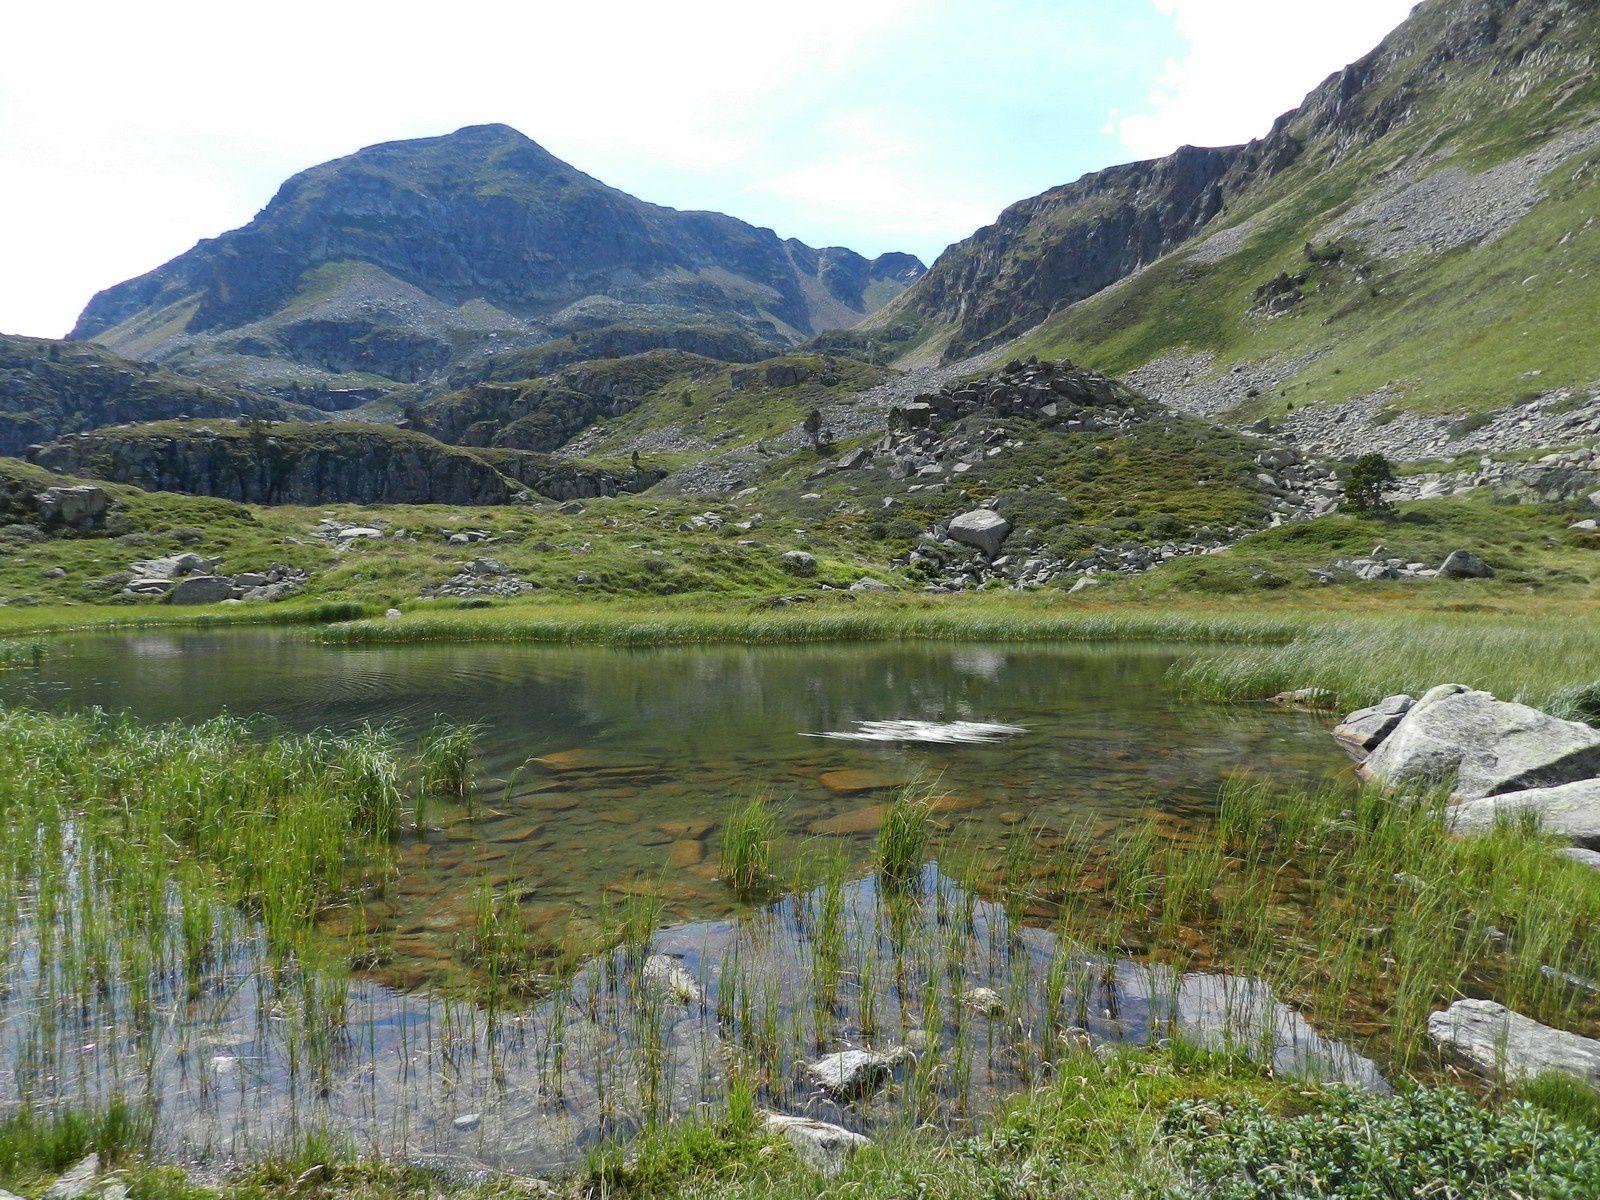 une série de petits étangs sur le chemin de la descente